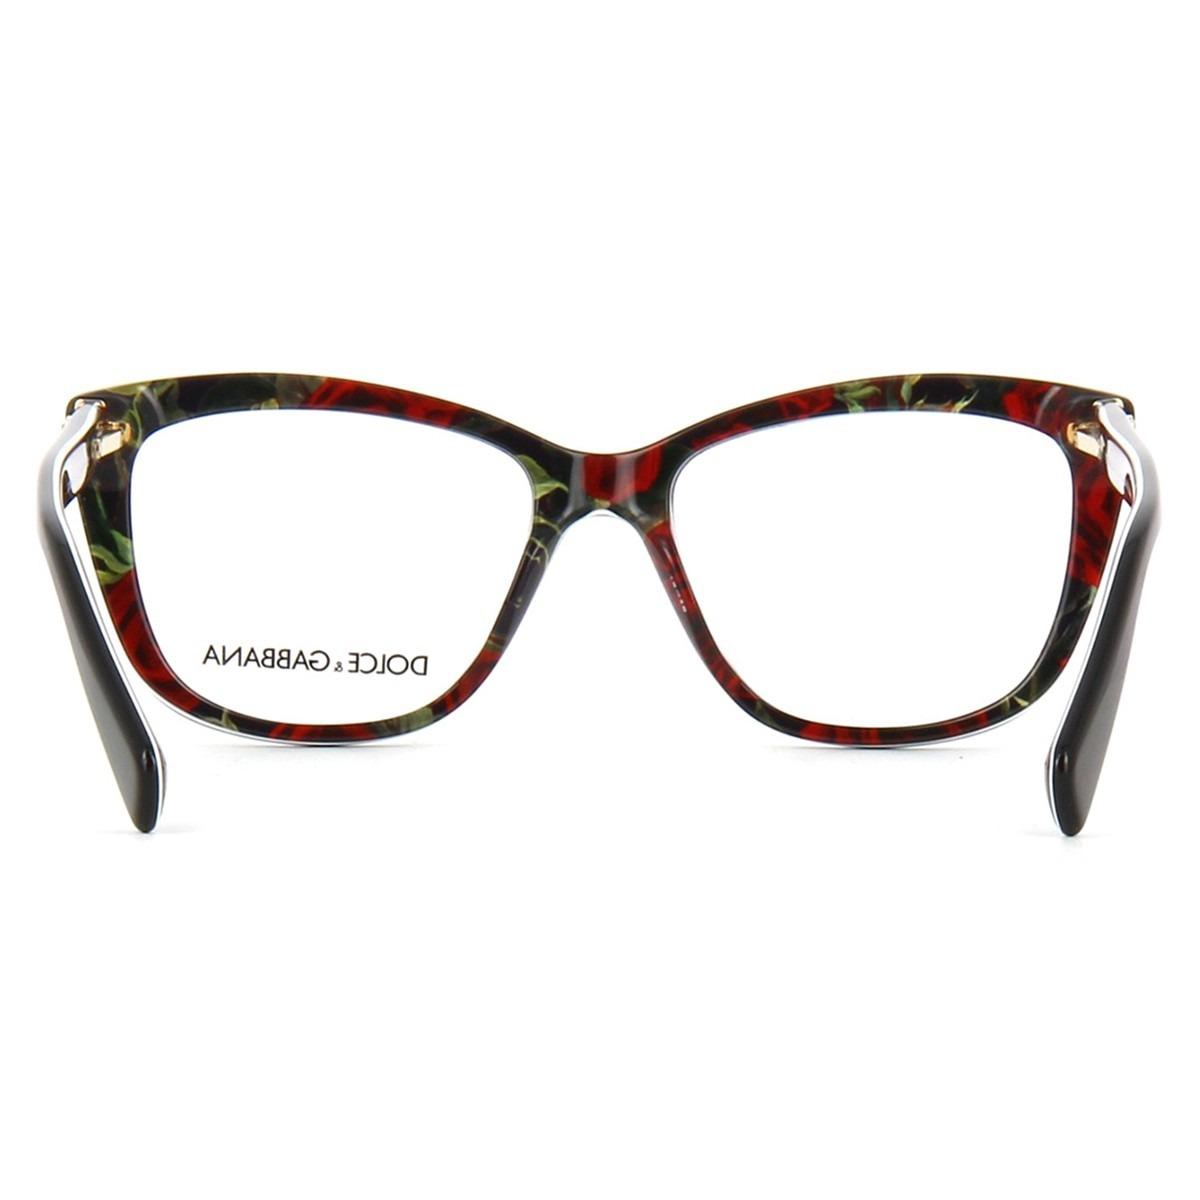 a53407903d822 Óculos De Grau Dolce   Gabbana Dg3190 2940 - R  808